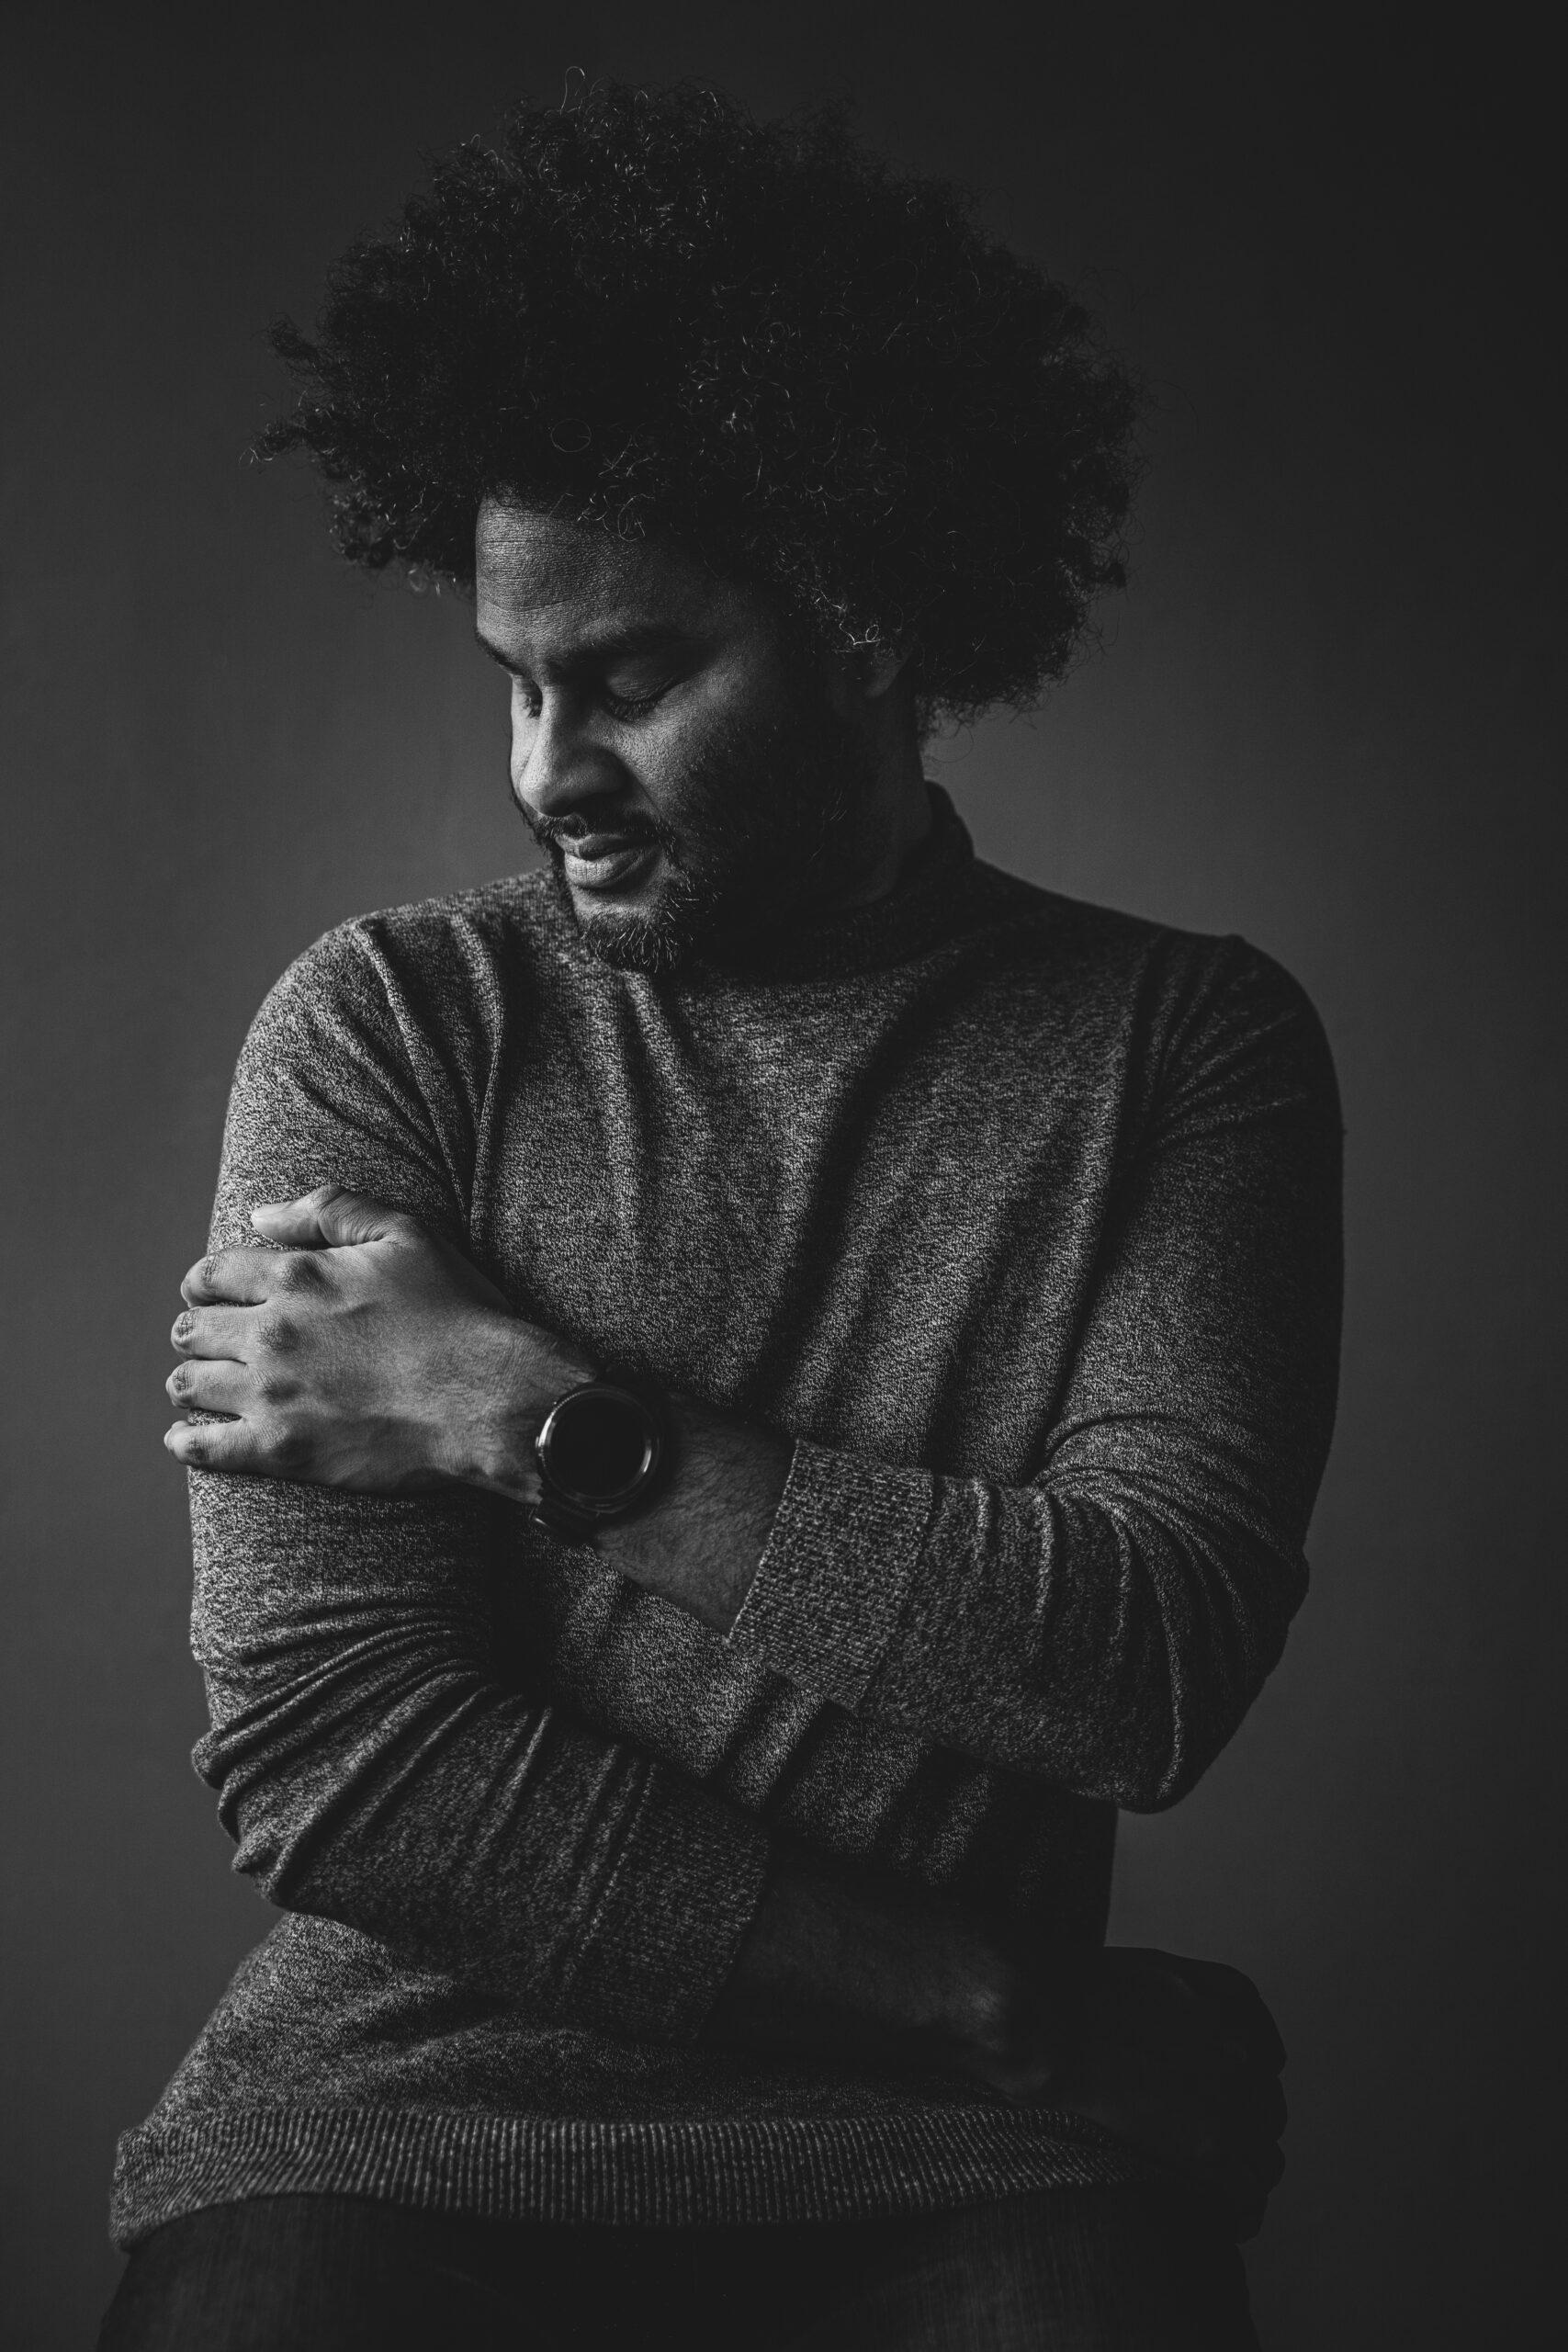 Portret Man door fotograaf uit tilburg